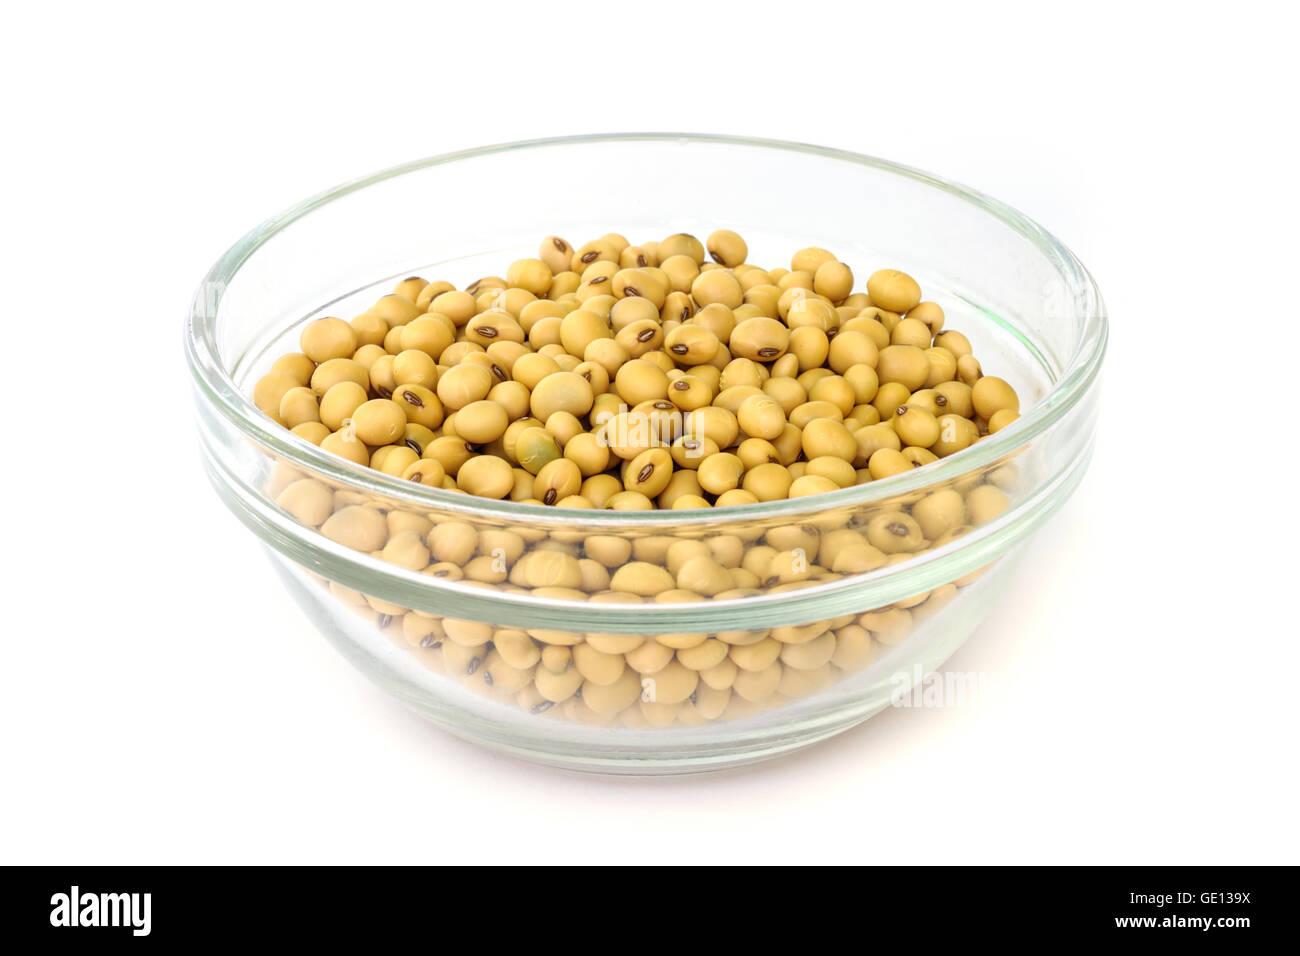 Sur la cuvette de soja isolé sur un fond blanc. Photo Stock